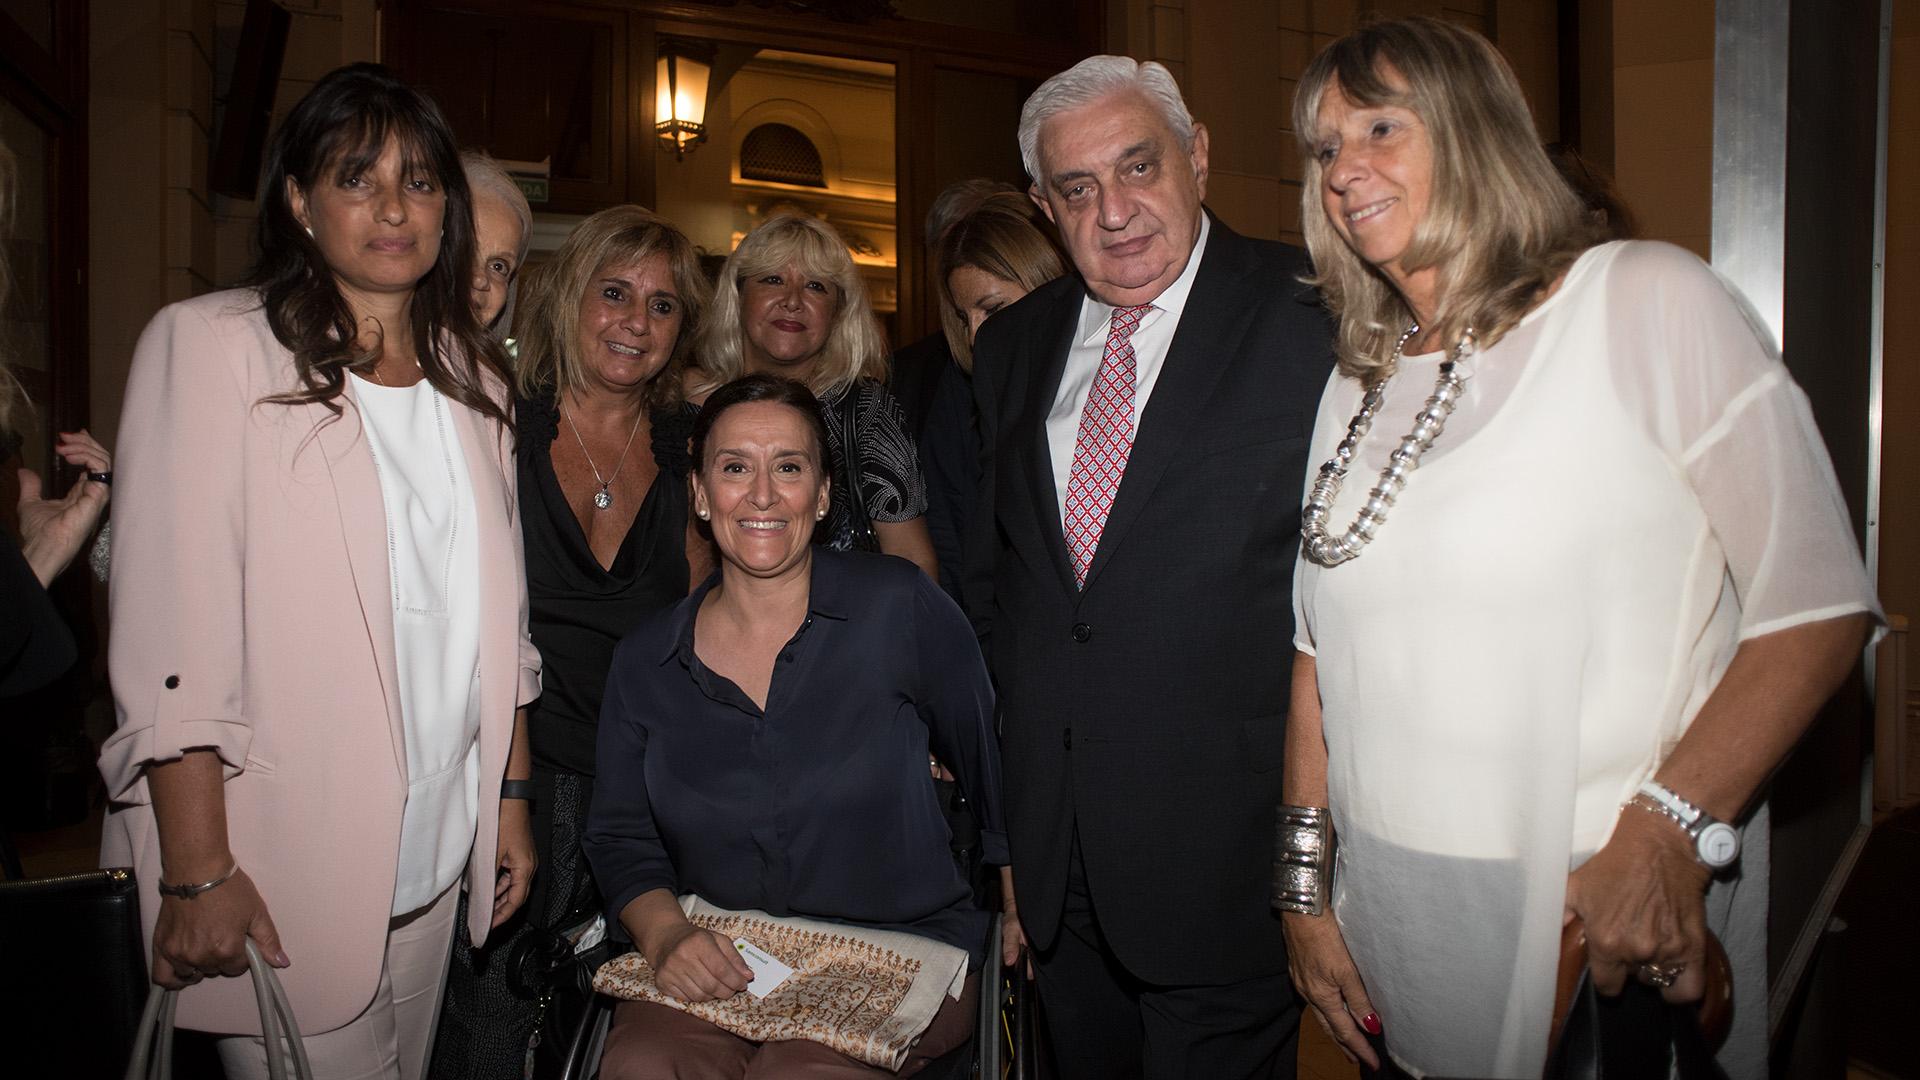 Viviana Zocco, Fundadora y CEO de TKM y del Grupo VI-DA, junto a la viceprsidente de la Nación, el presidente de la Bolsa y Silvia Torres Carbonell, ex funcionaria de la Ciudad y académica del IAE de la Universidad Austral.